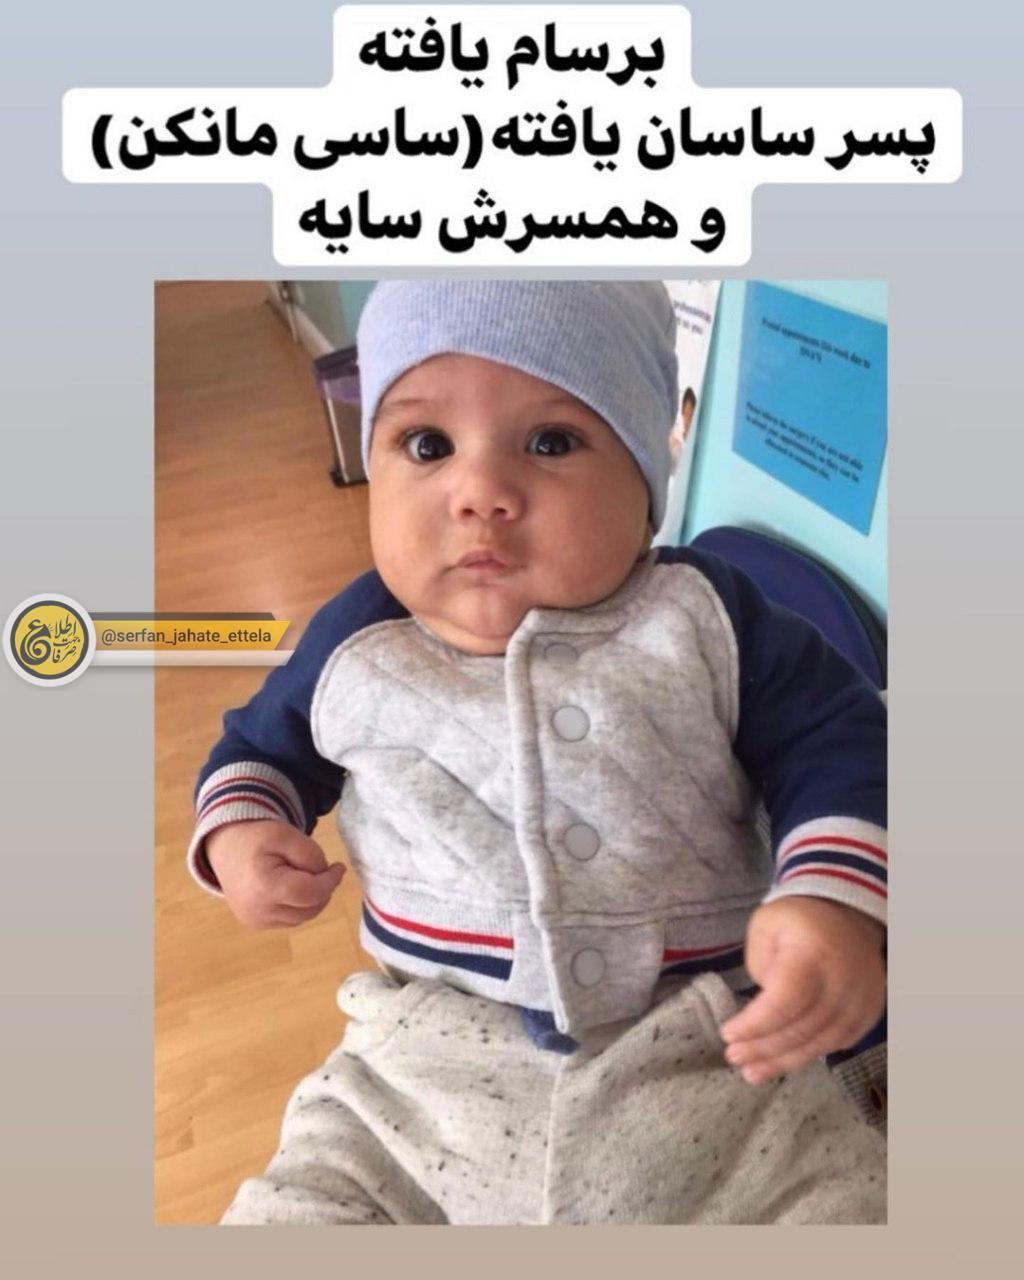 تصویر و مشخصات پسر ساسی مانکن منتشر شد!